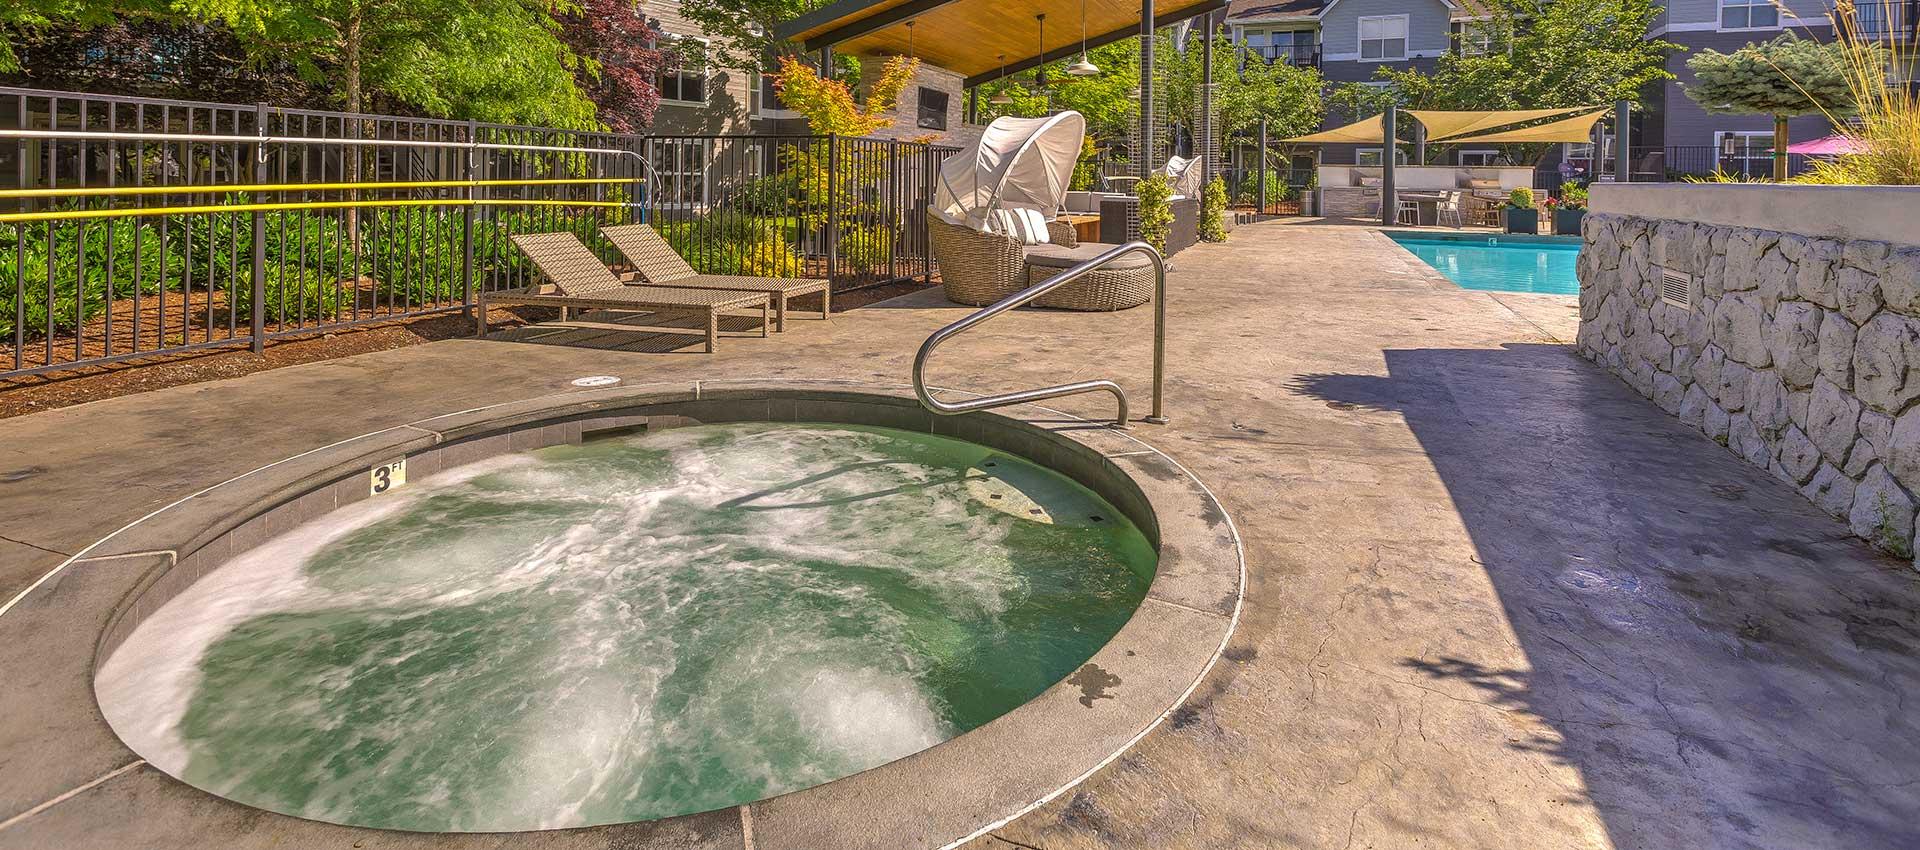 Spa at Centro Apartment Homes